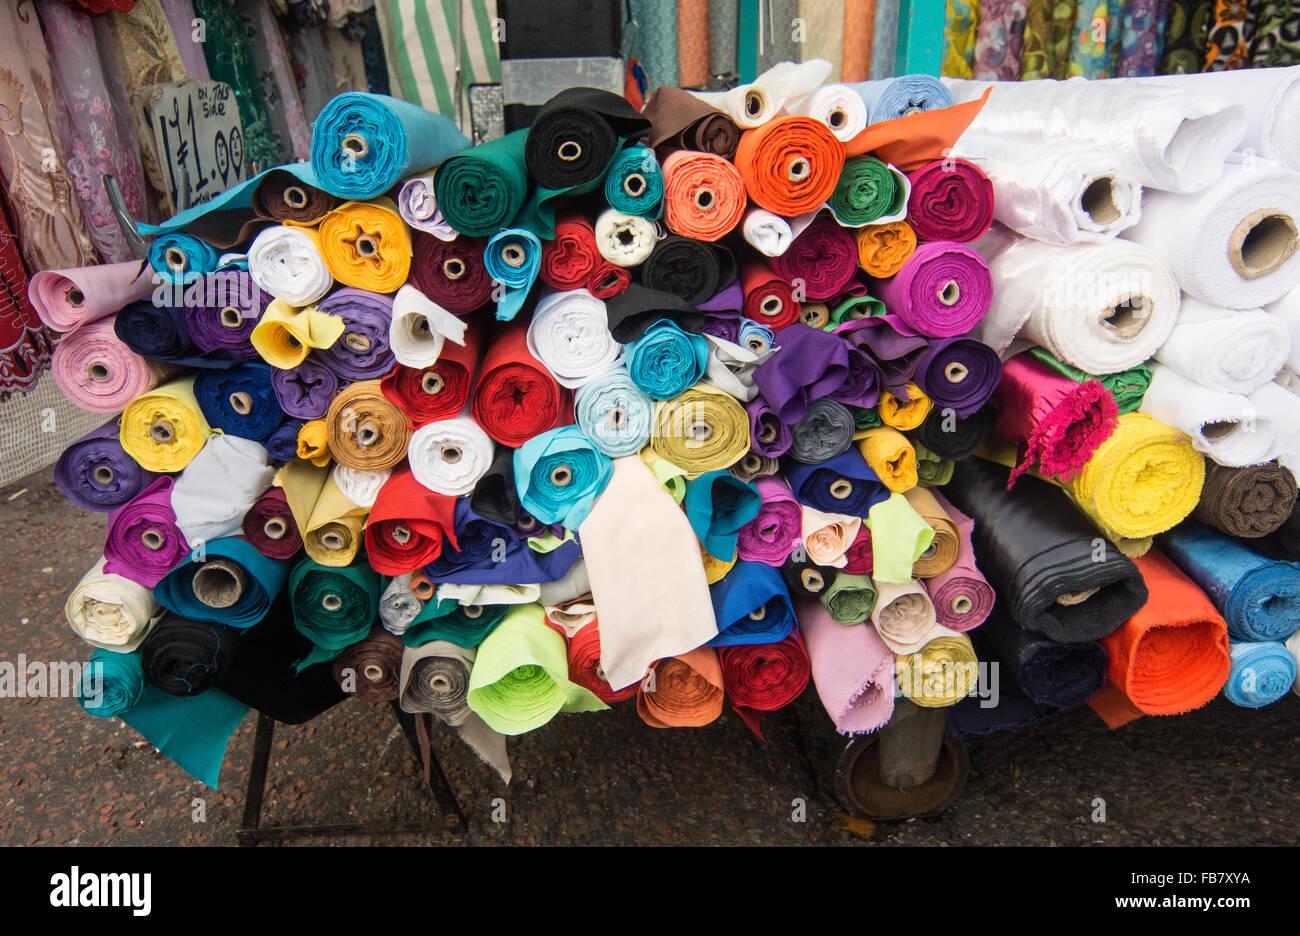 Rouleaux de matériau. Les rouleaux de tissu. couleurs. matériau coloré. Photo Stock